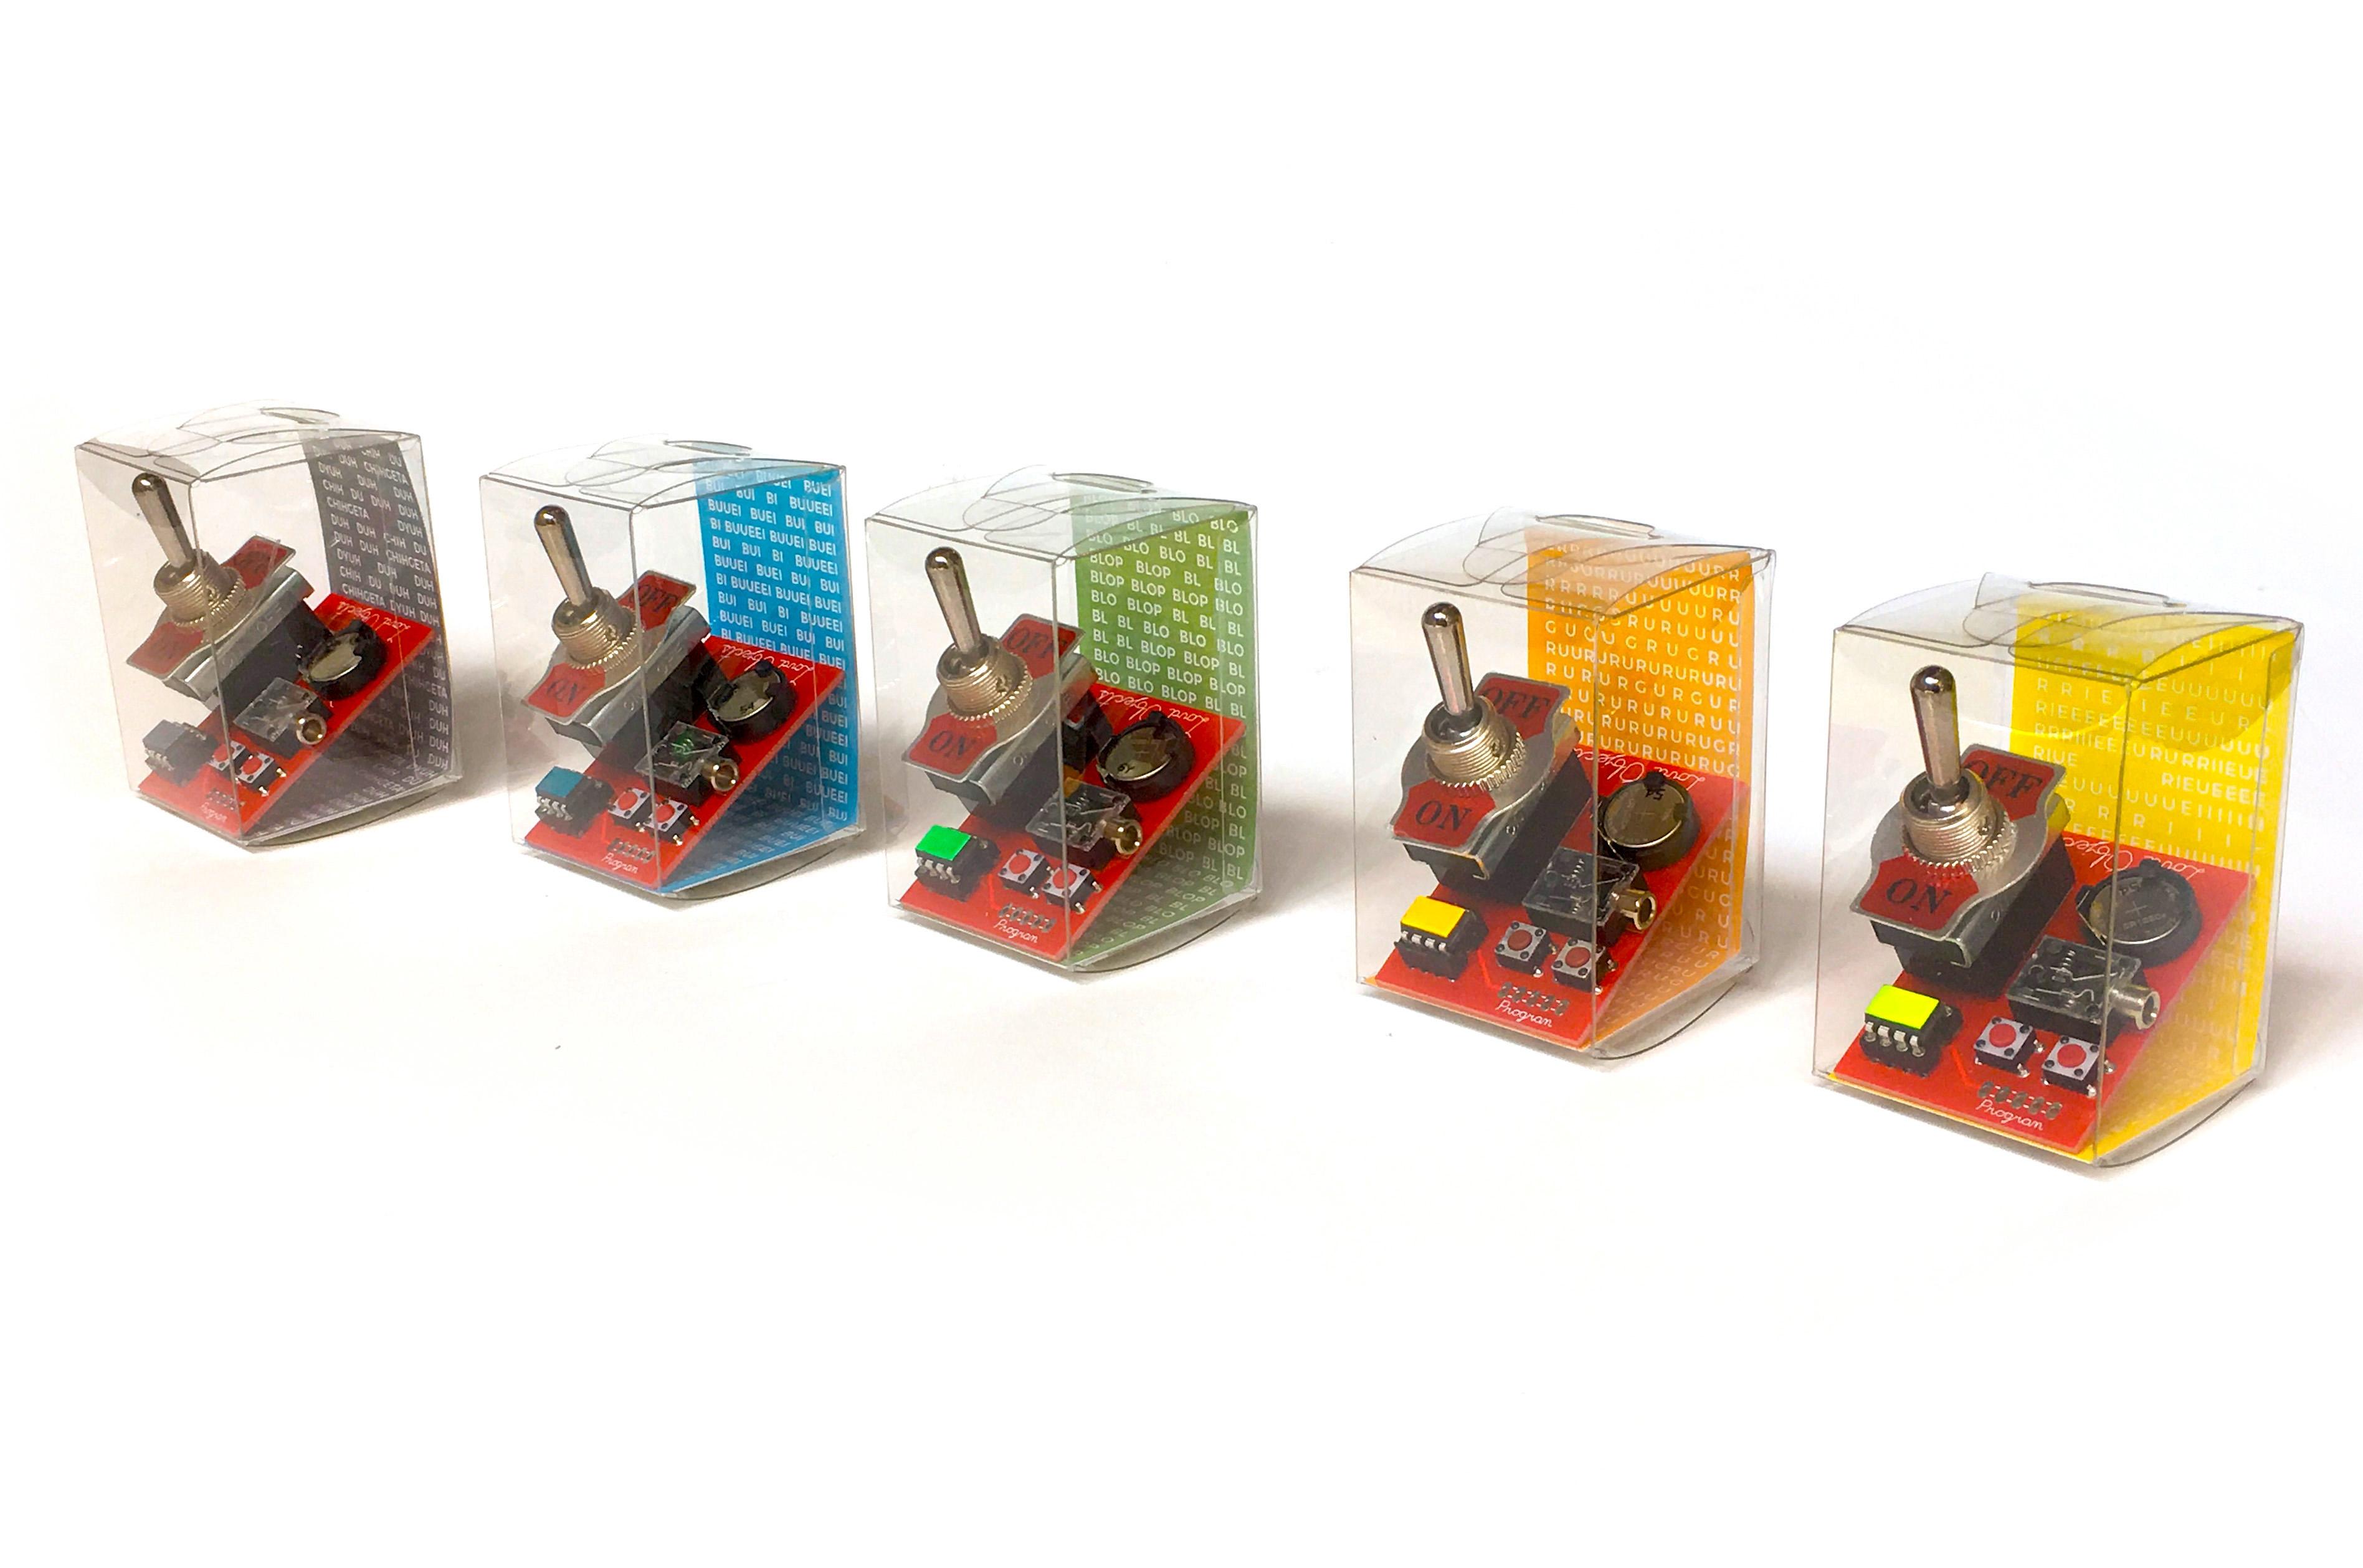 Loud objects noise toy 3